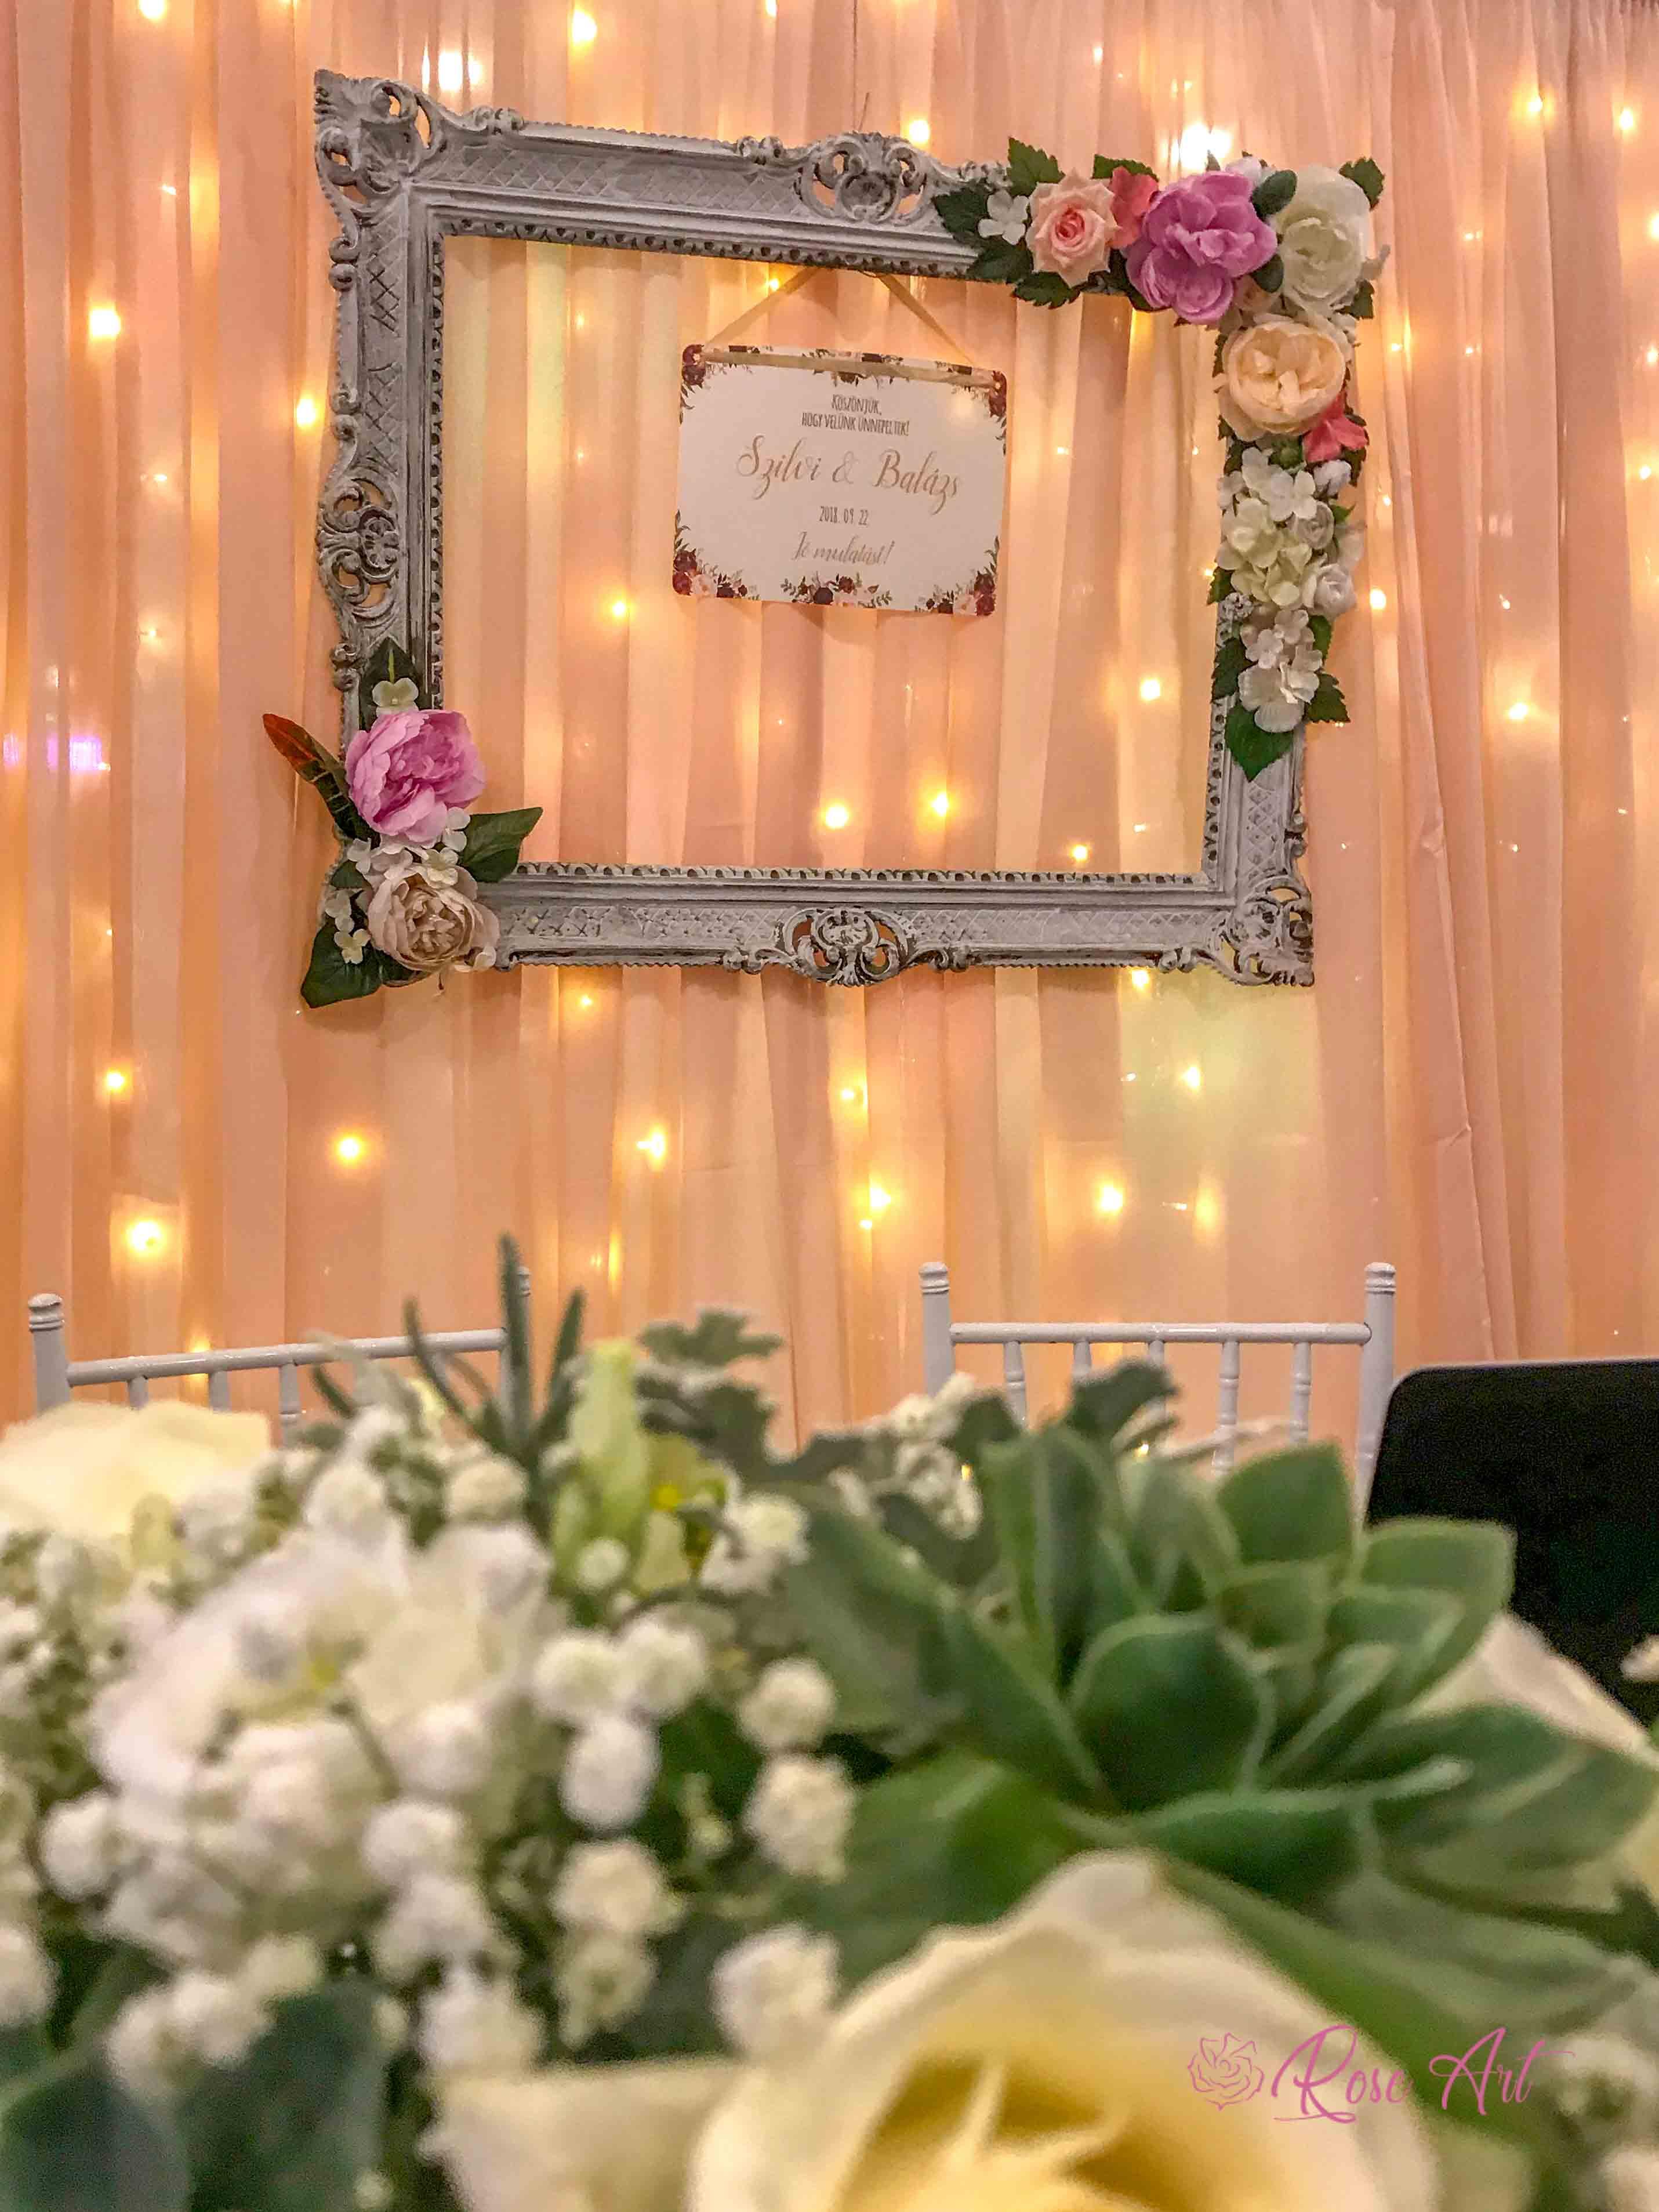 b121d7a9a8 RoseArt Esküvői Kellékek Képkeret Főasztal Dekoráció Virág